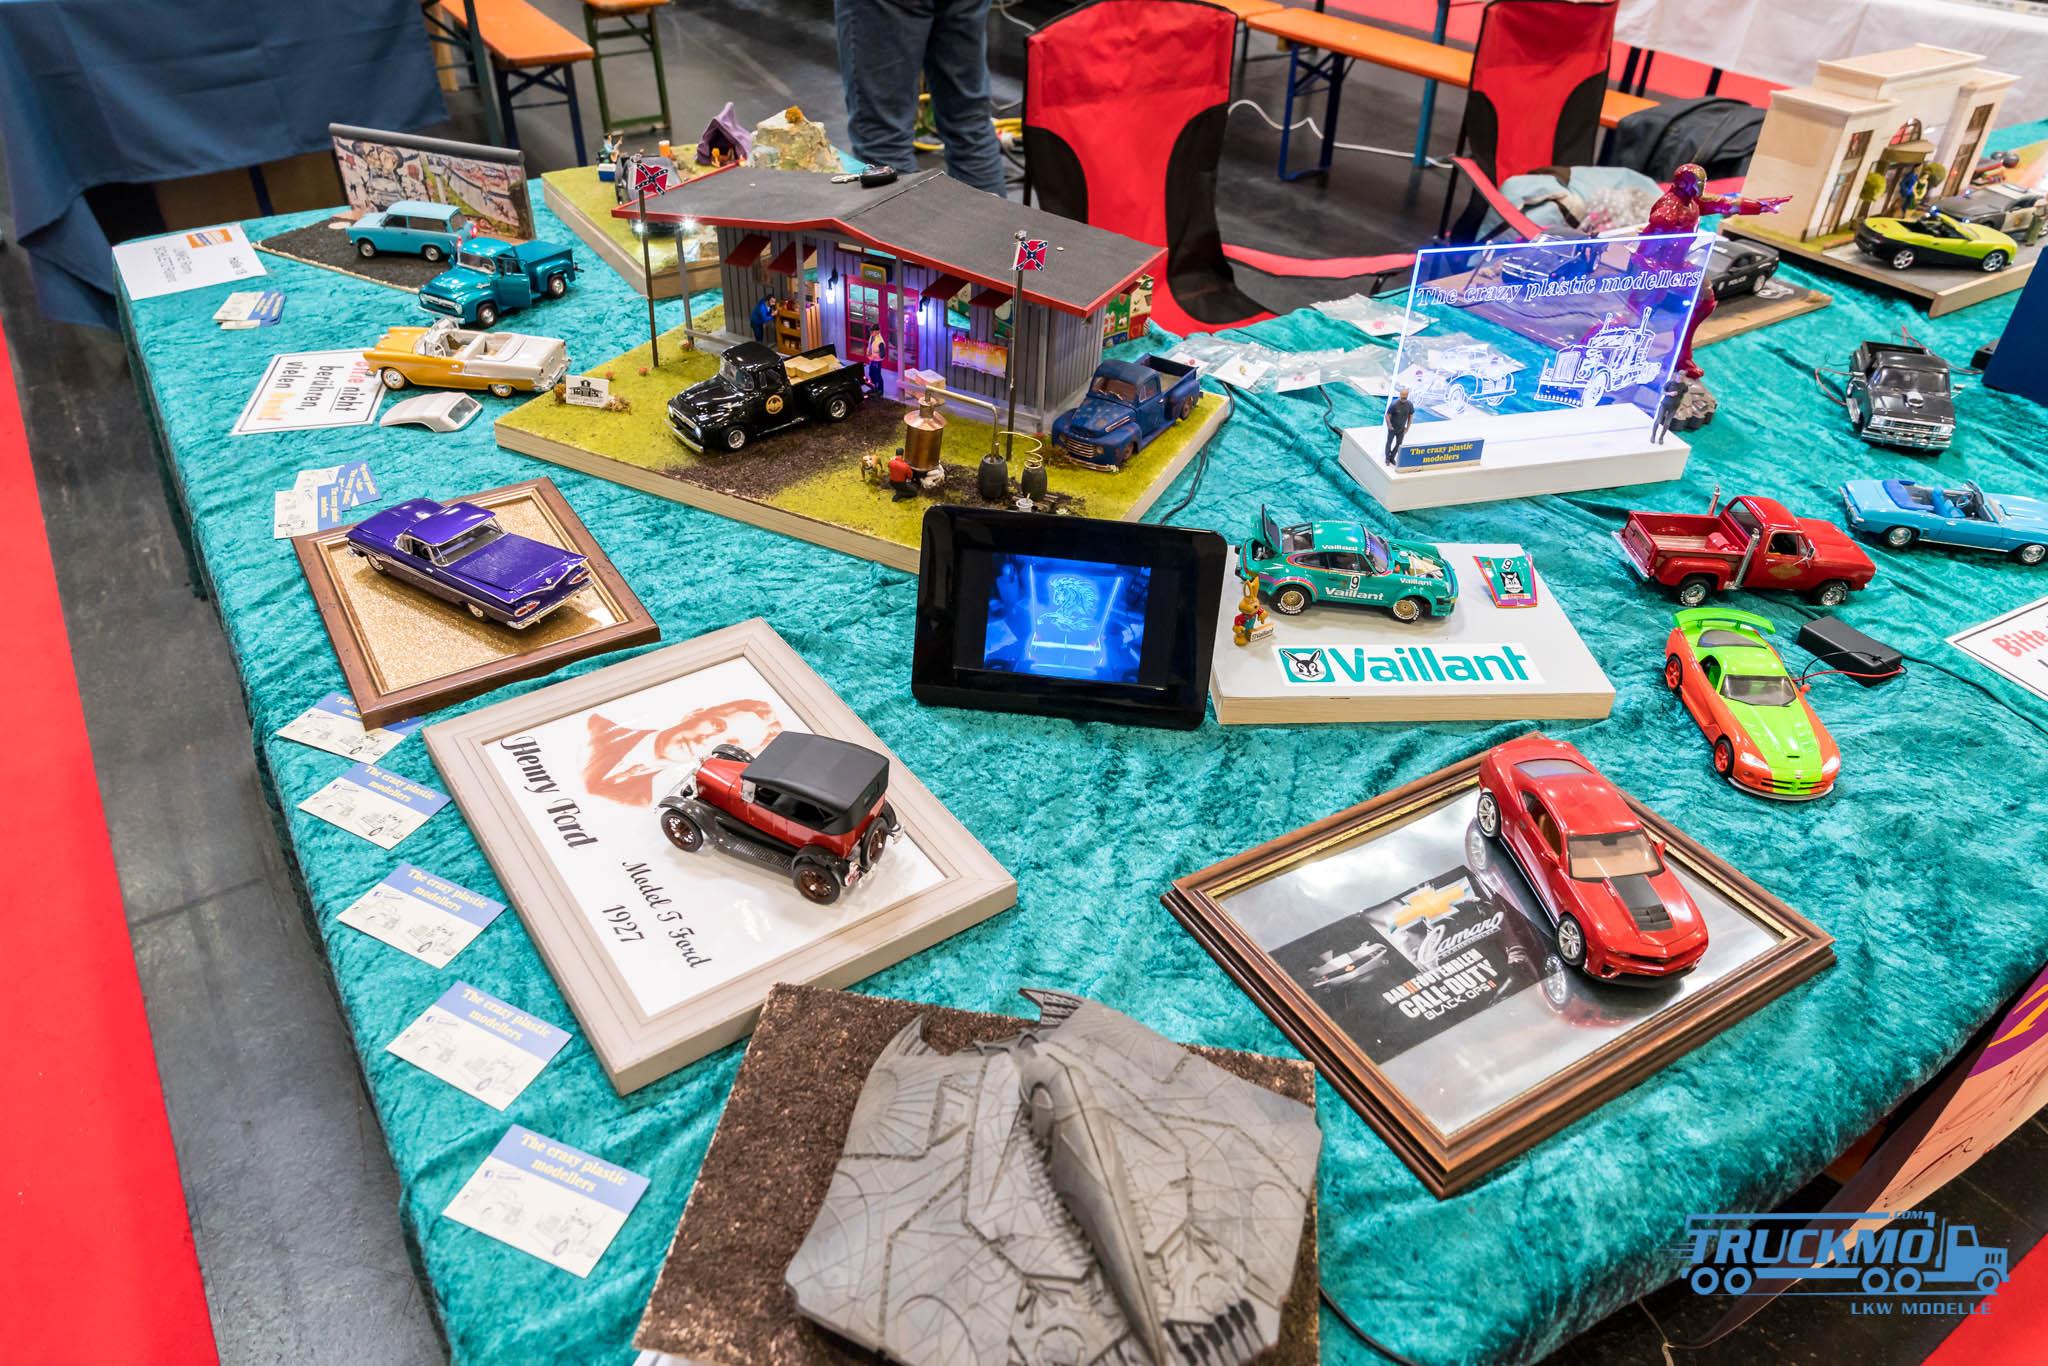 Truckmo_Modellbau_Ried_2017_Herpa_Messe_Modellbauausstellung (349 von 1177)